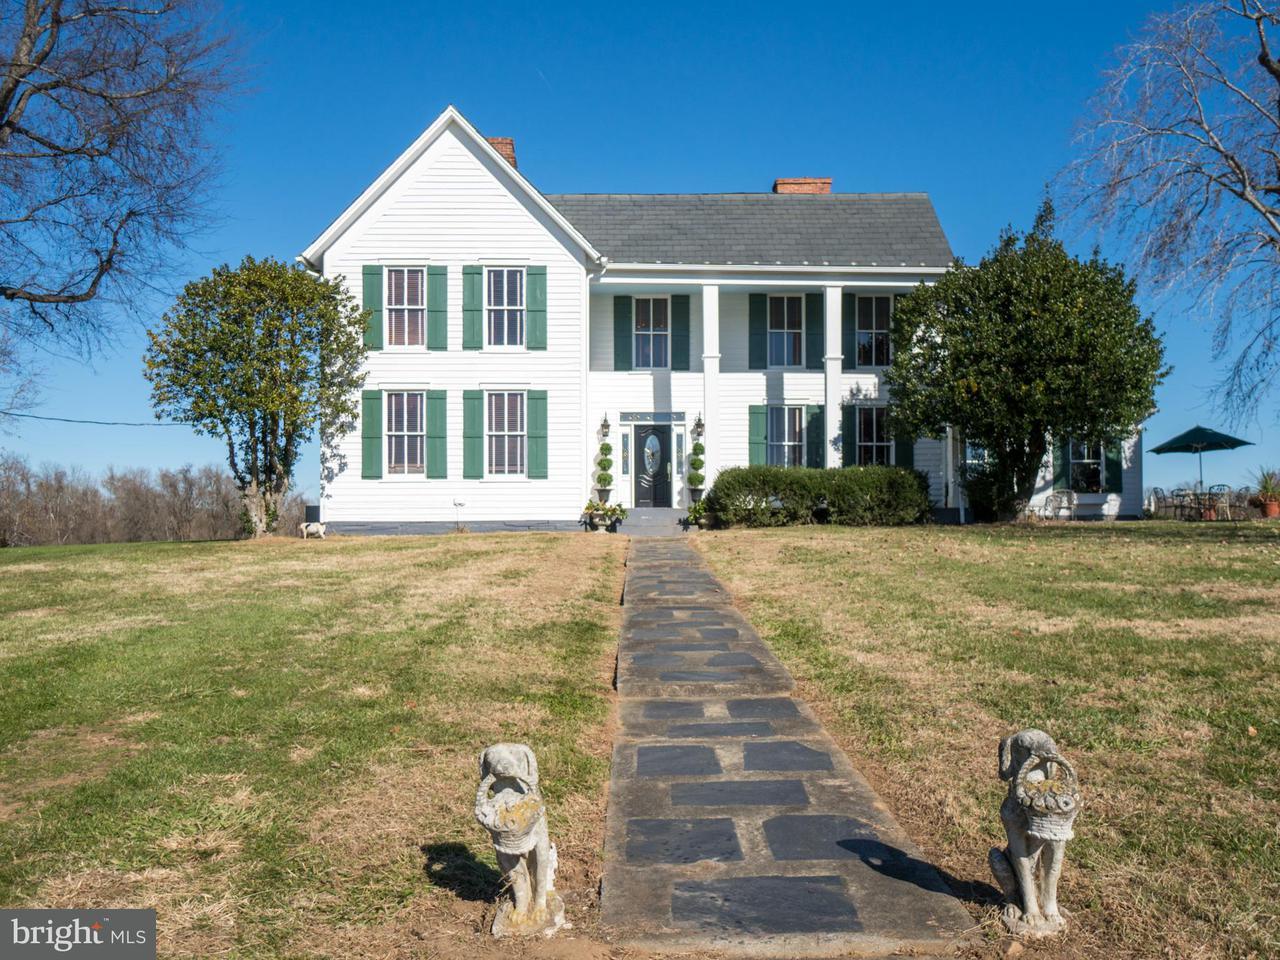 独户住宅 为 销售 在 10335 Bridgeport Road 10335 Bridgeport Road Arvonia, 弗吉尼亚州 23004 美国